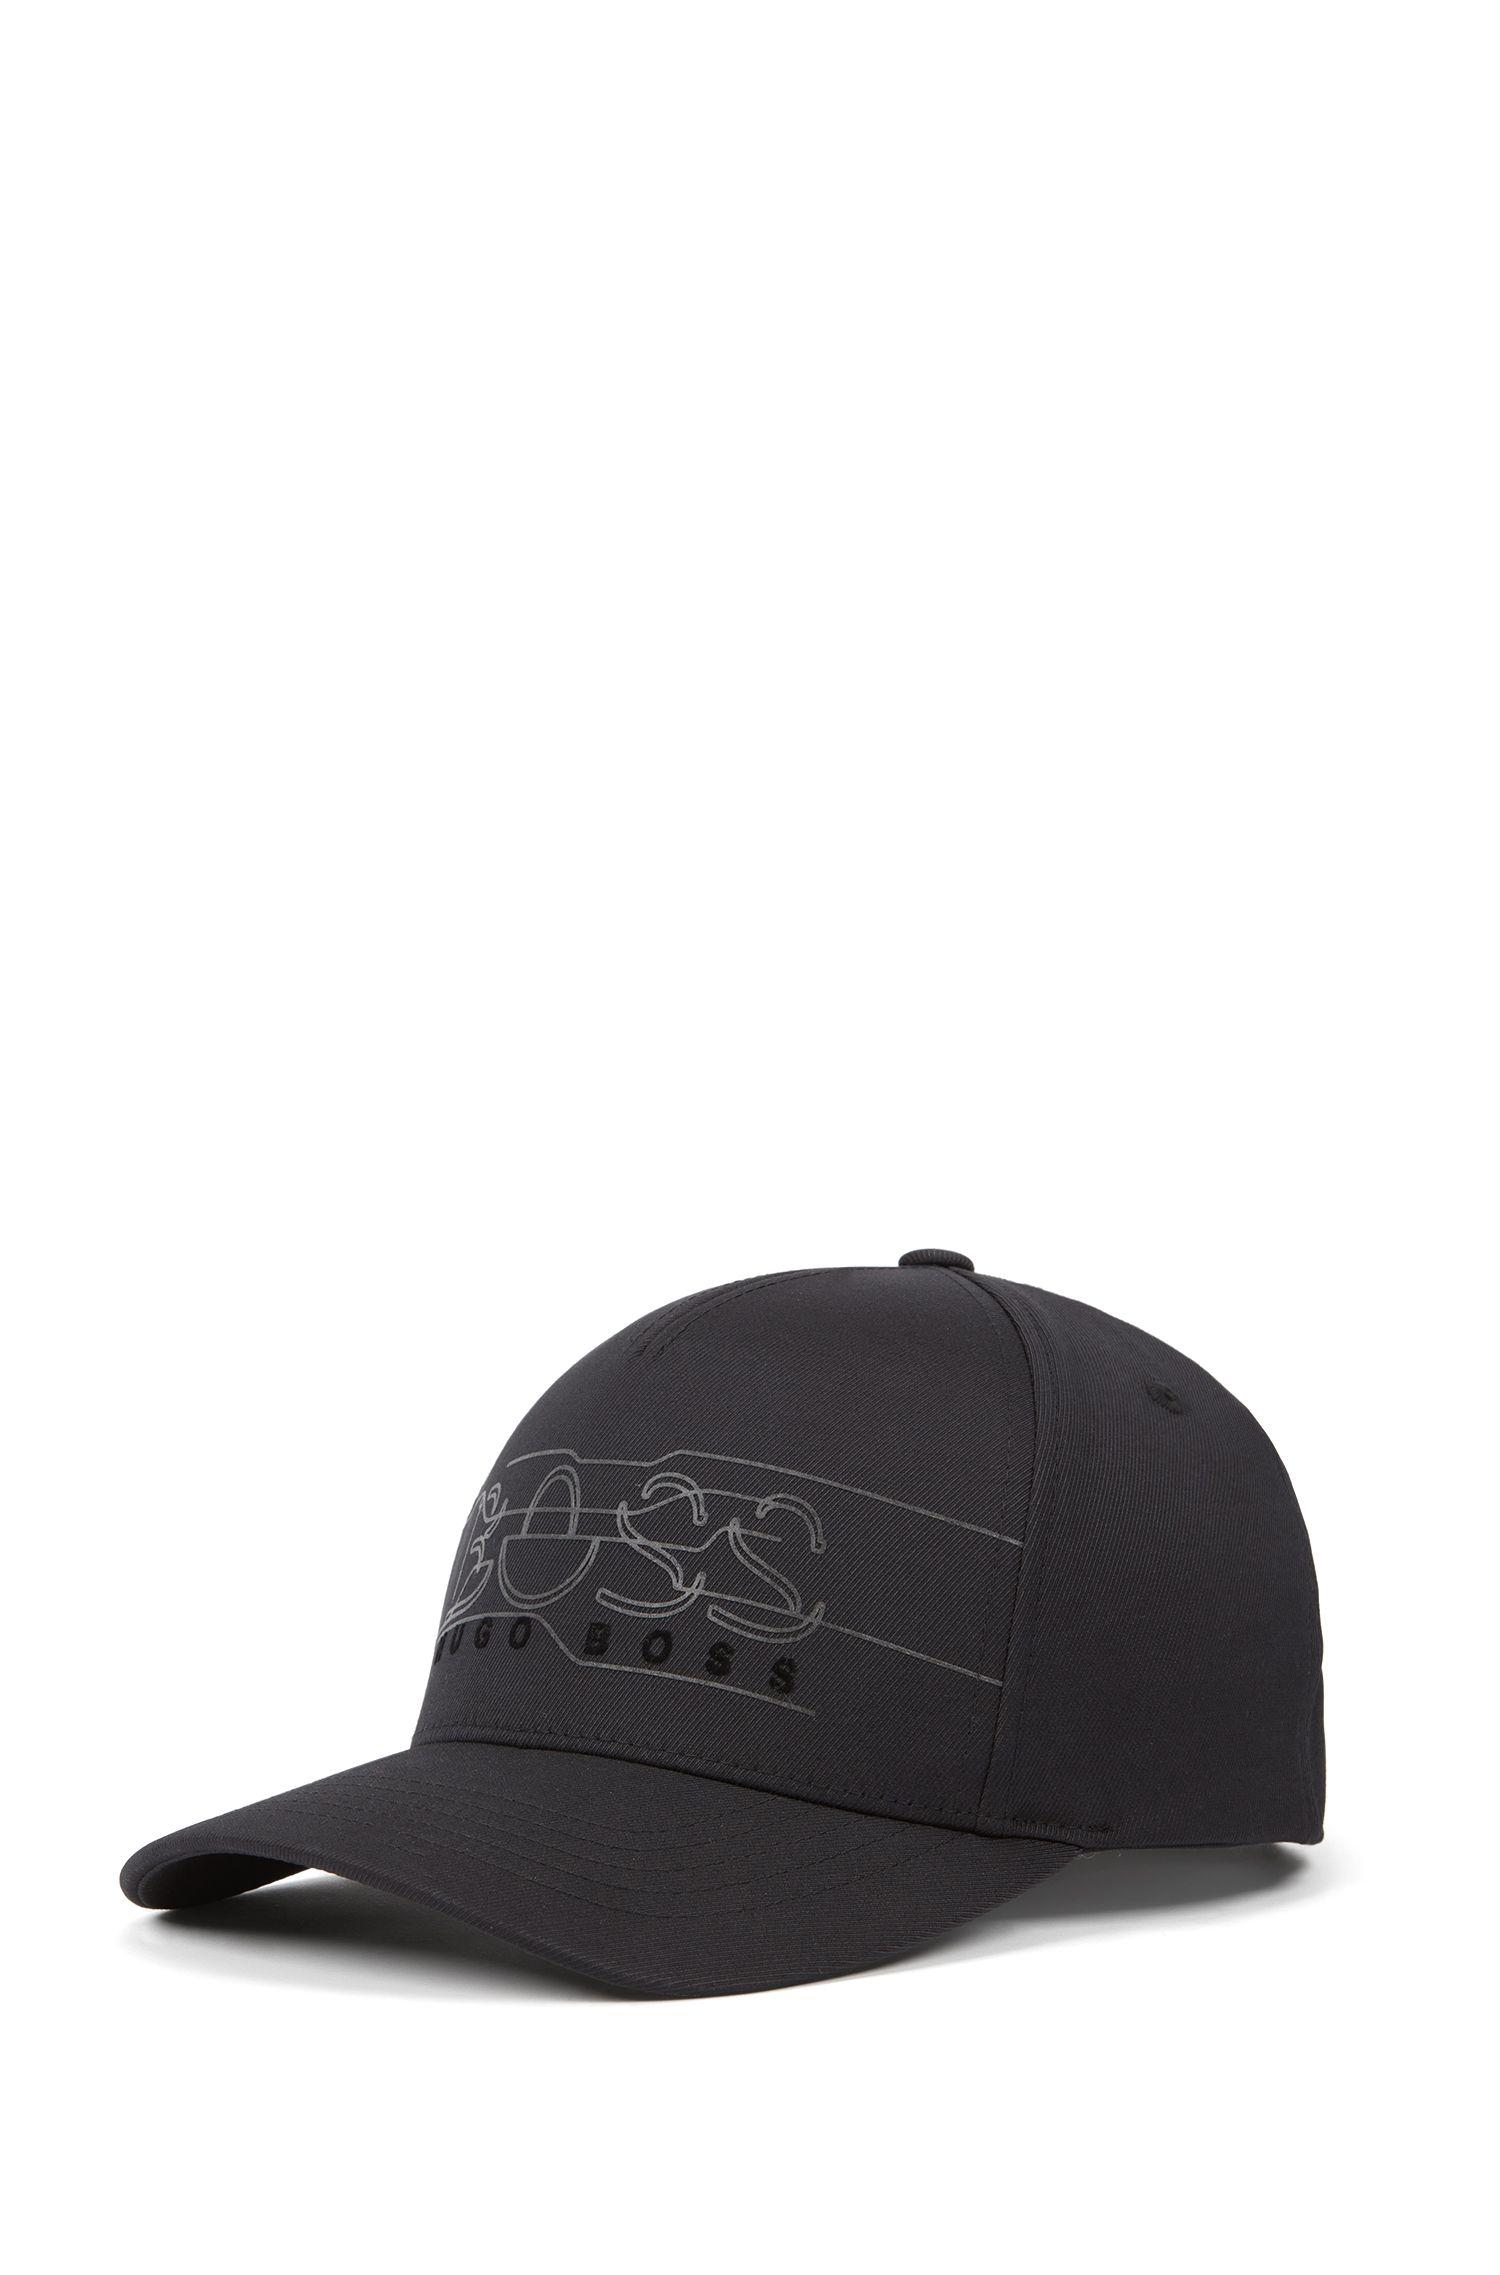 Gorra de sarga doble con logo estampado reflectante, Negro